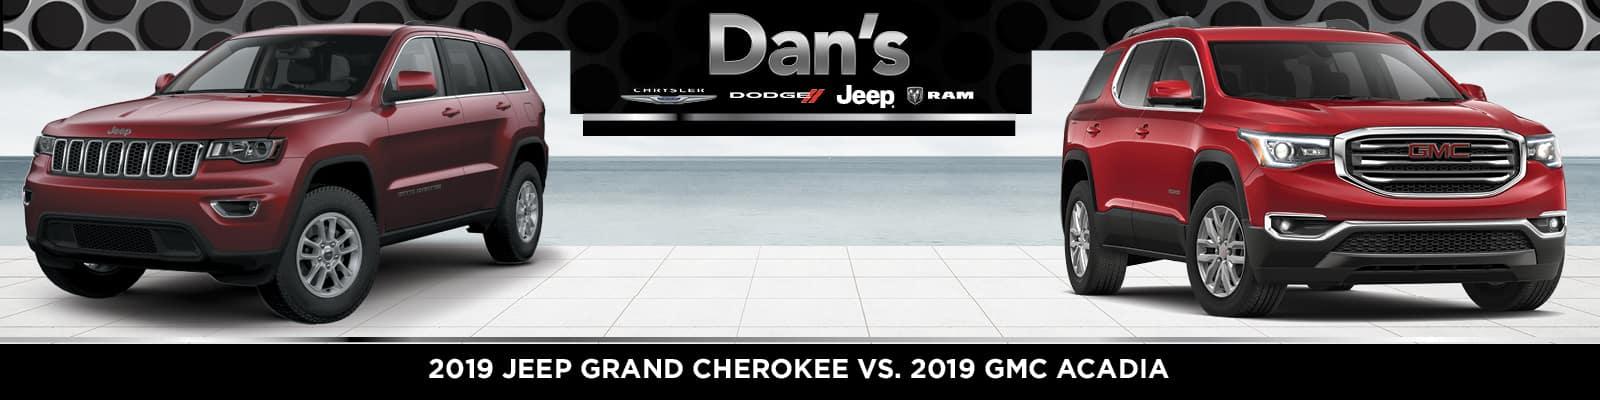 Jeep Grand Cherokee vs. GMC Acadia